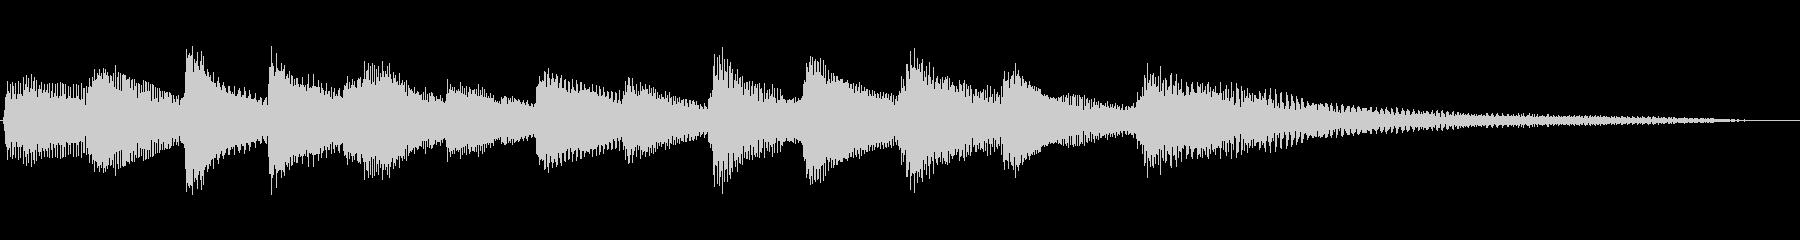 テーマ発表にも使えるピアノのジングルの未再生の波形